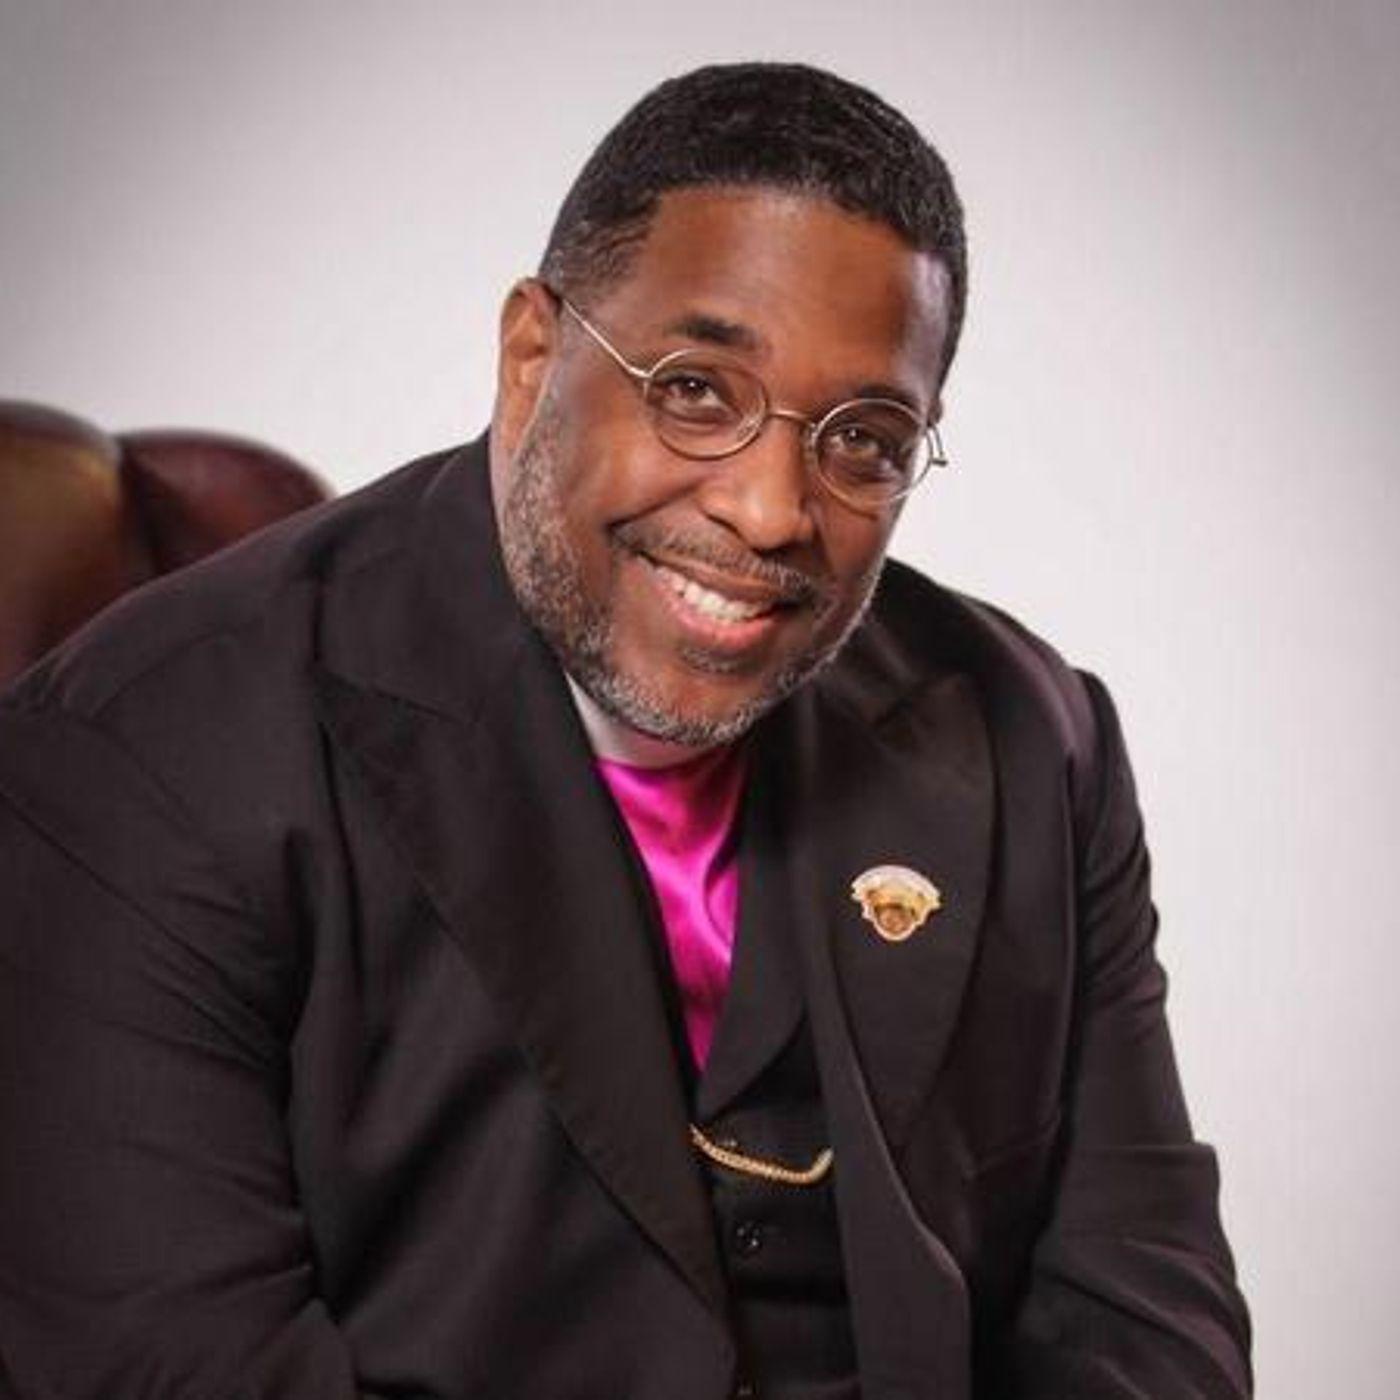 Bishop Rudolph Mckissick Jr